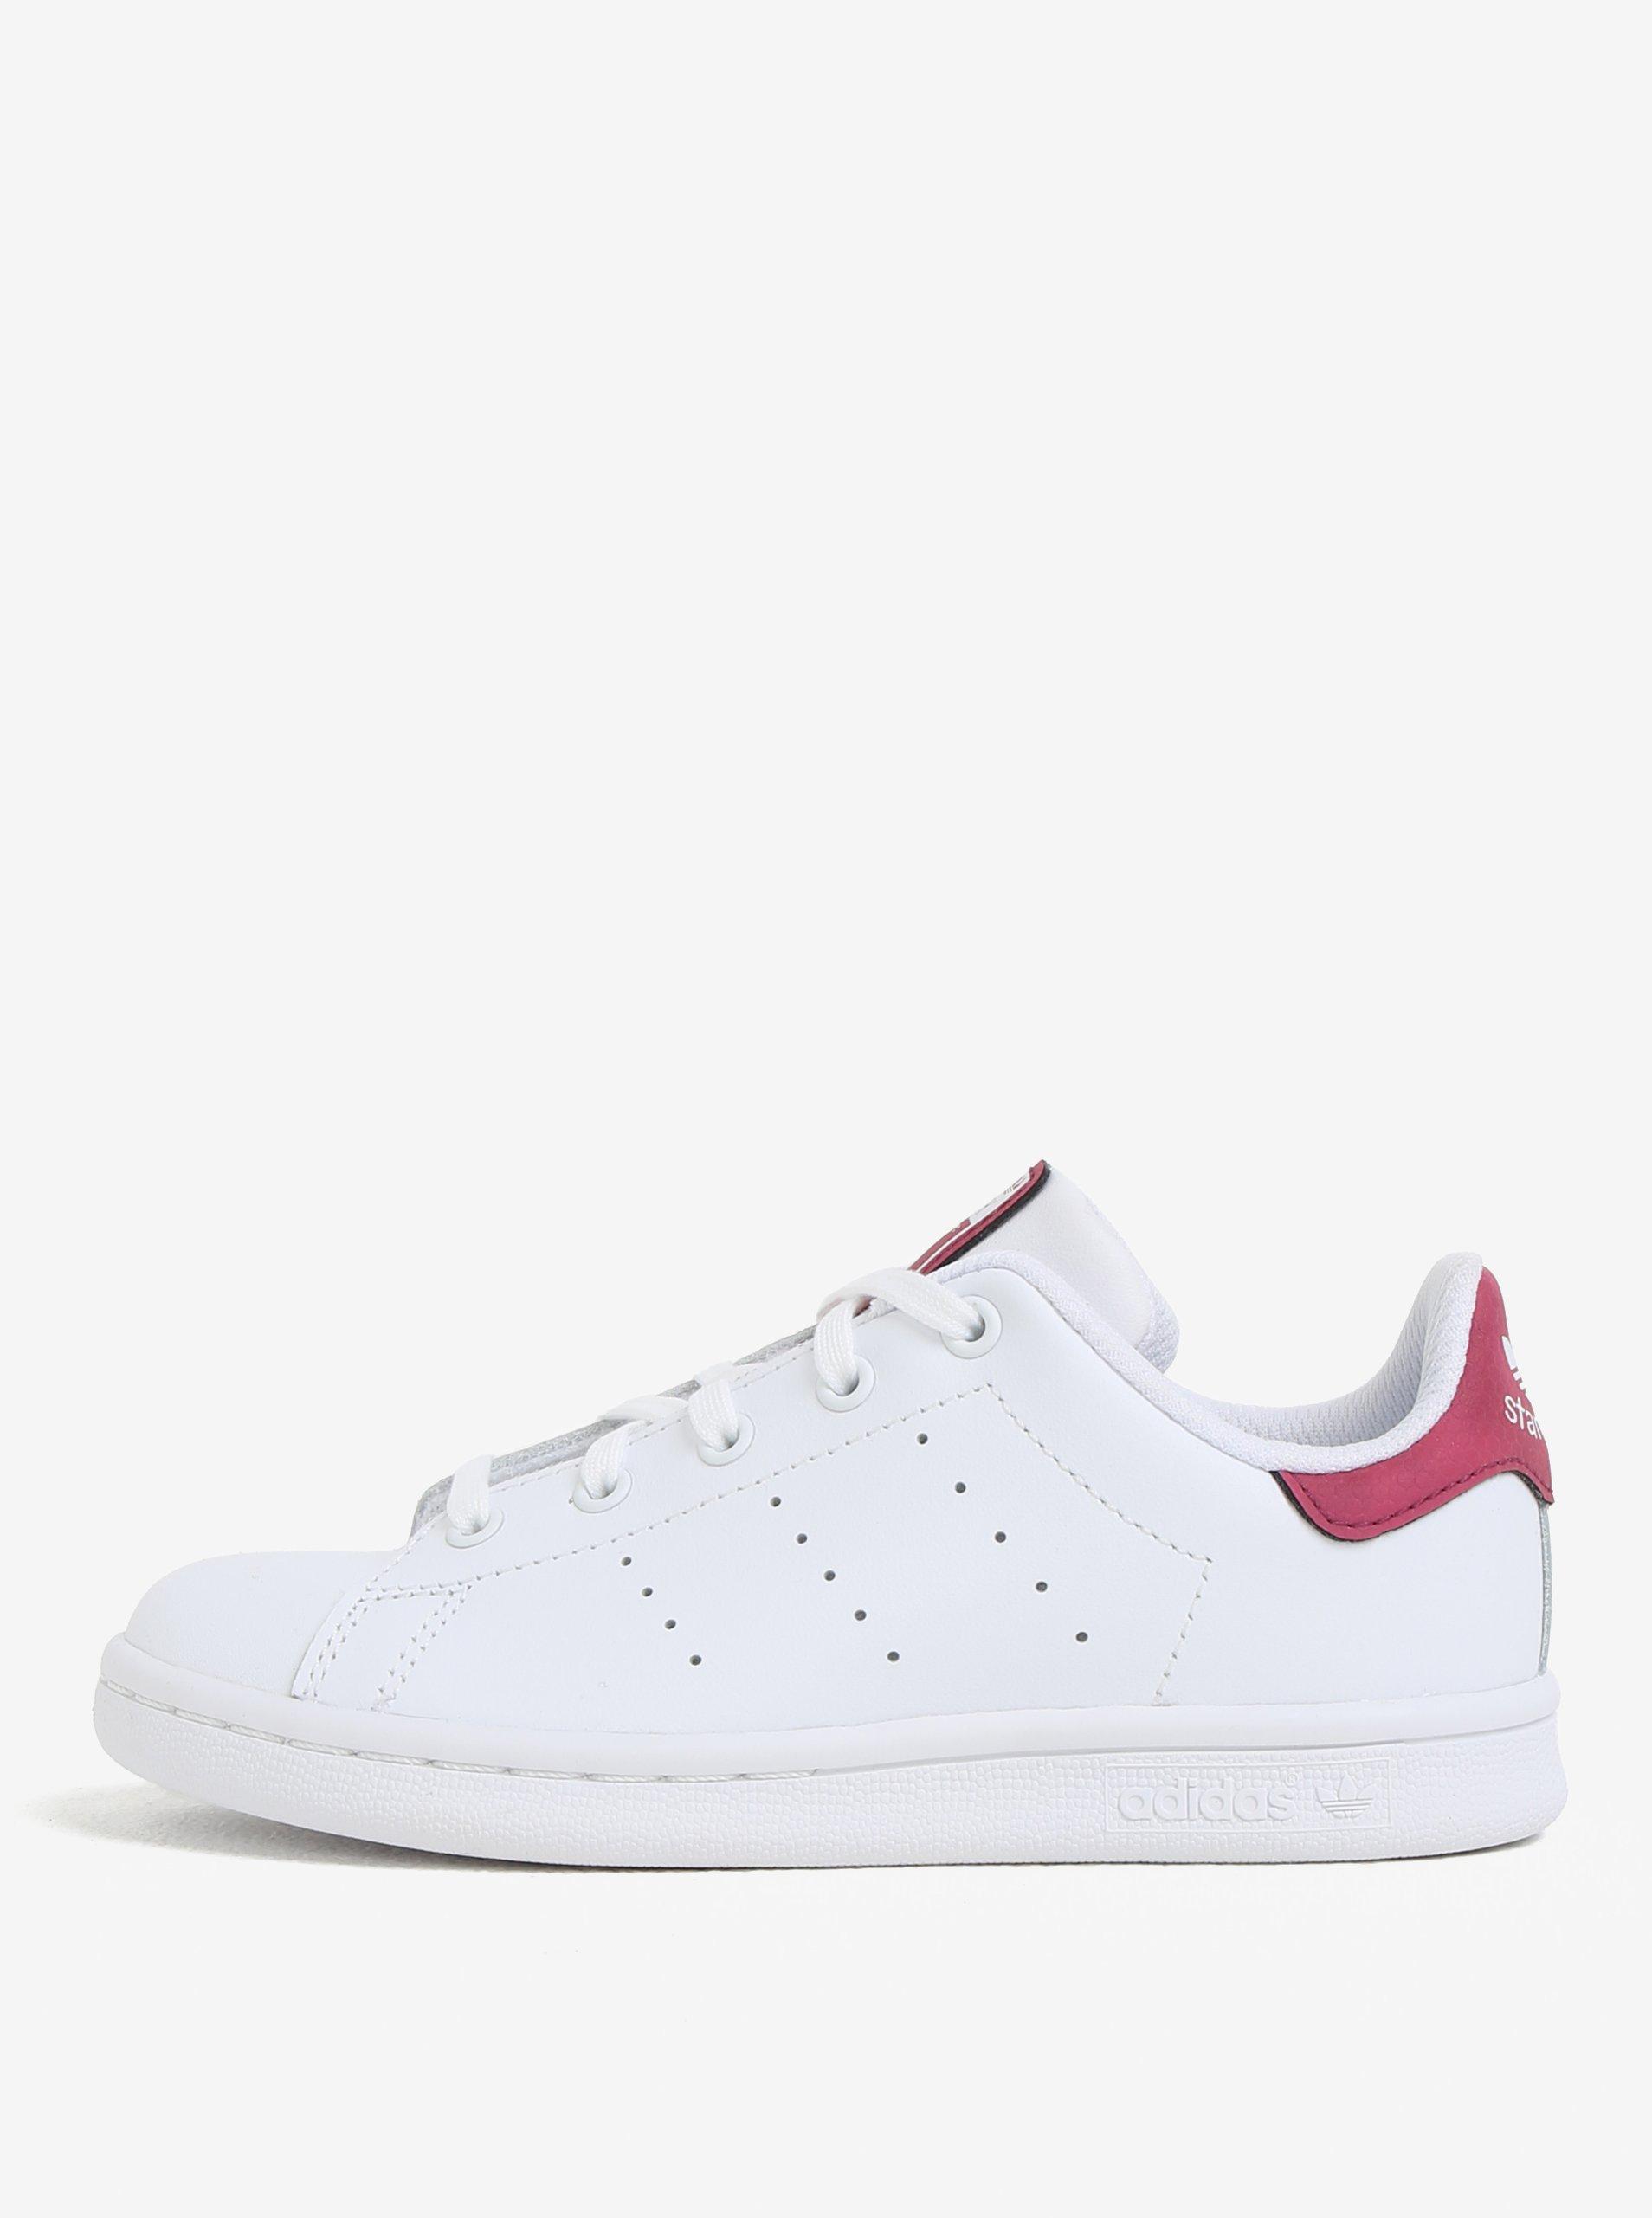 Ružovo-biele detské kožené tenisky adidas Originals Stan Smith C